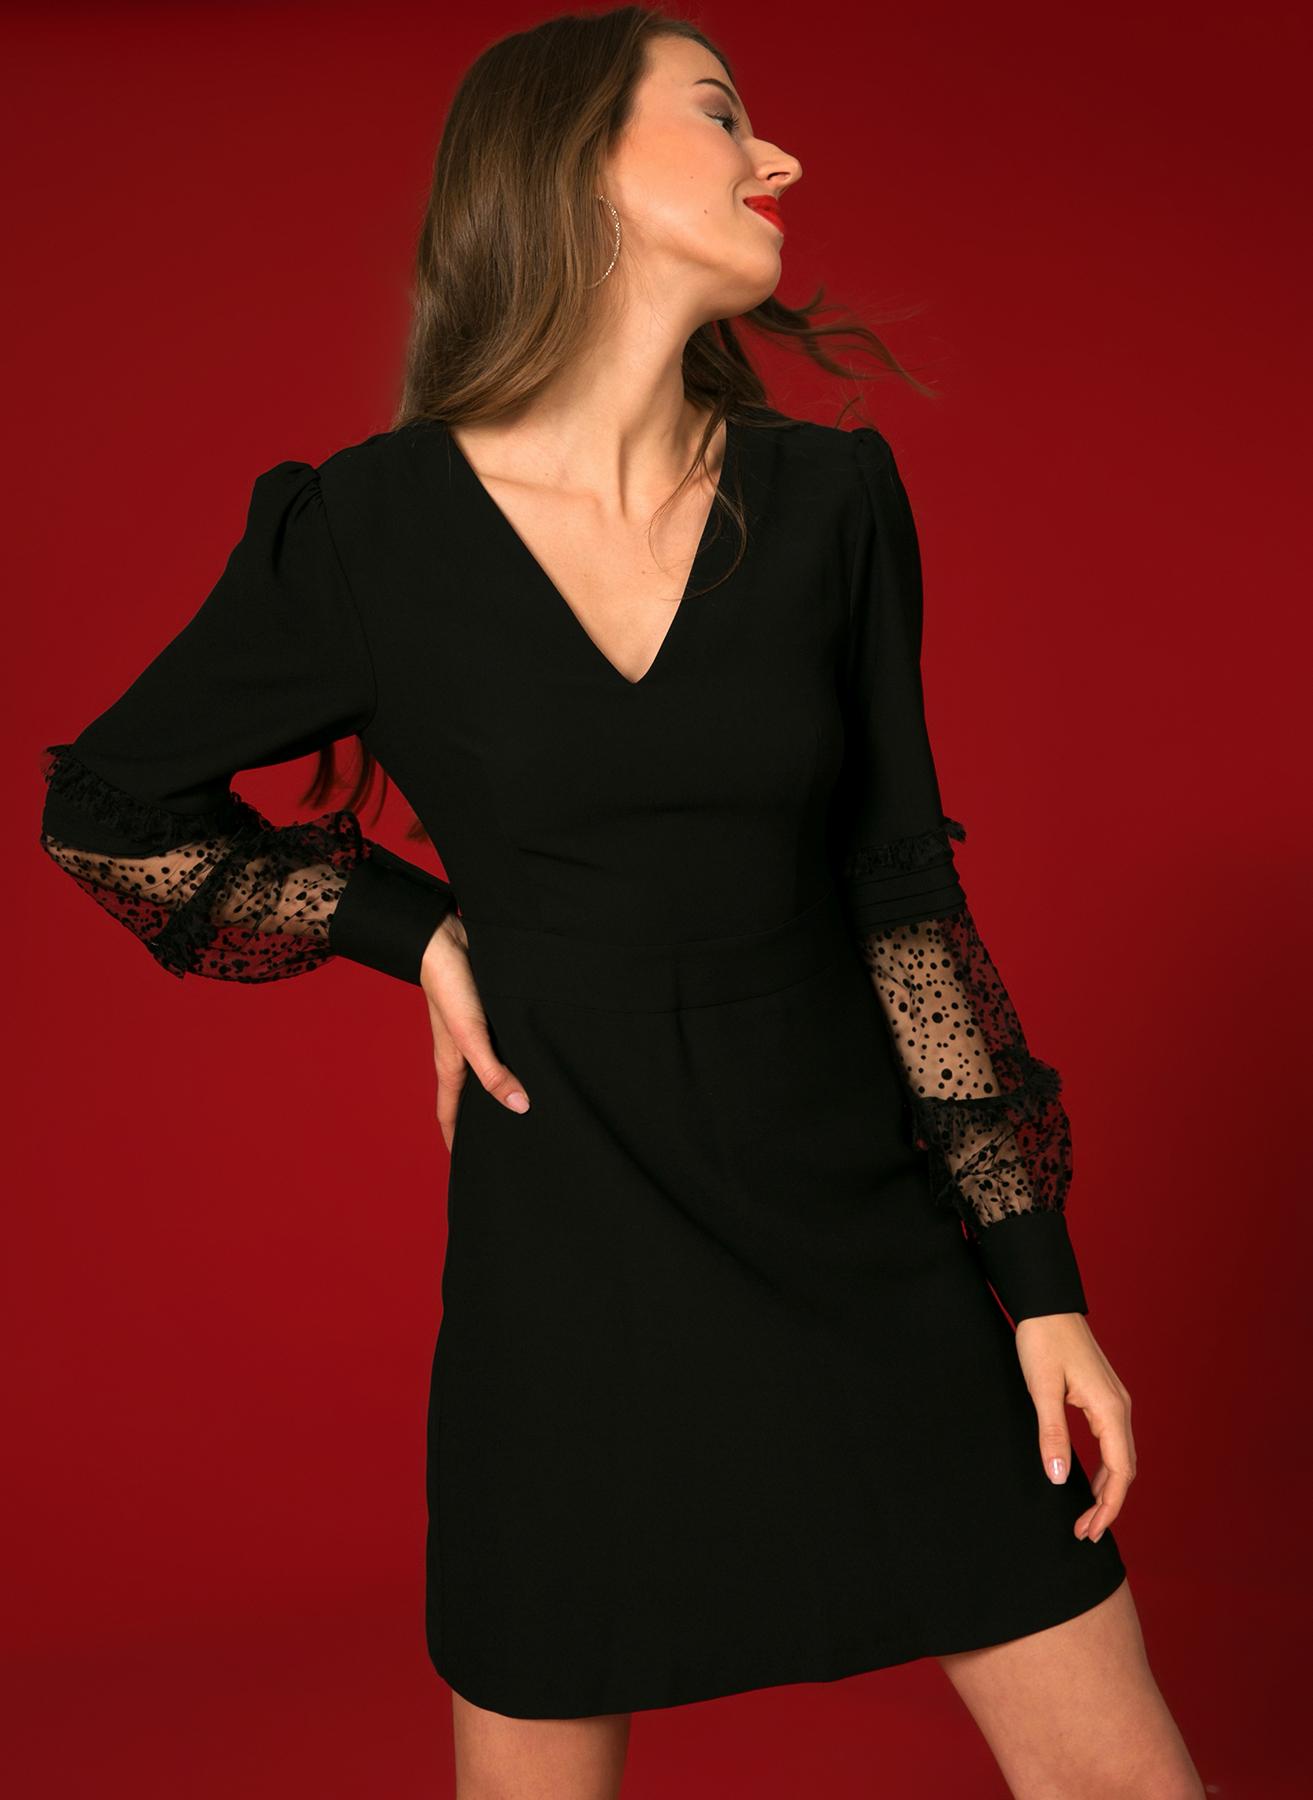 İpekyol Kol Detaylı Siyah Mini Elbise 36 5002301052002 Ürün Resmi